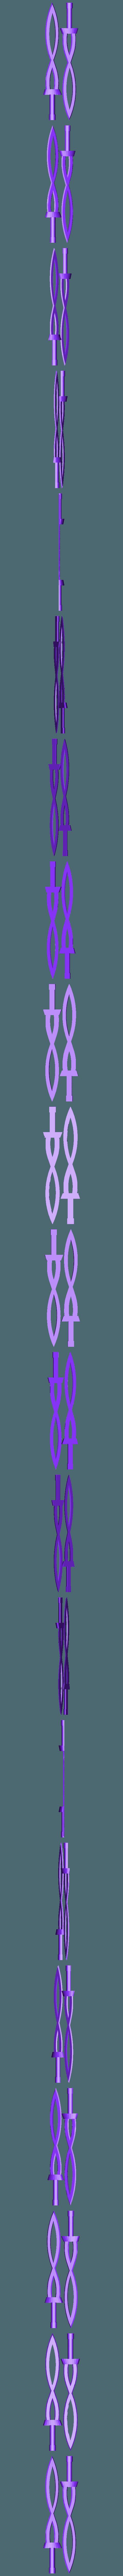 1f164c59 3720 47dc acde 04e98a2200b4